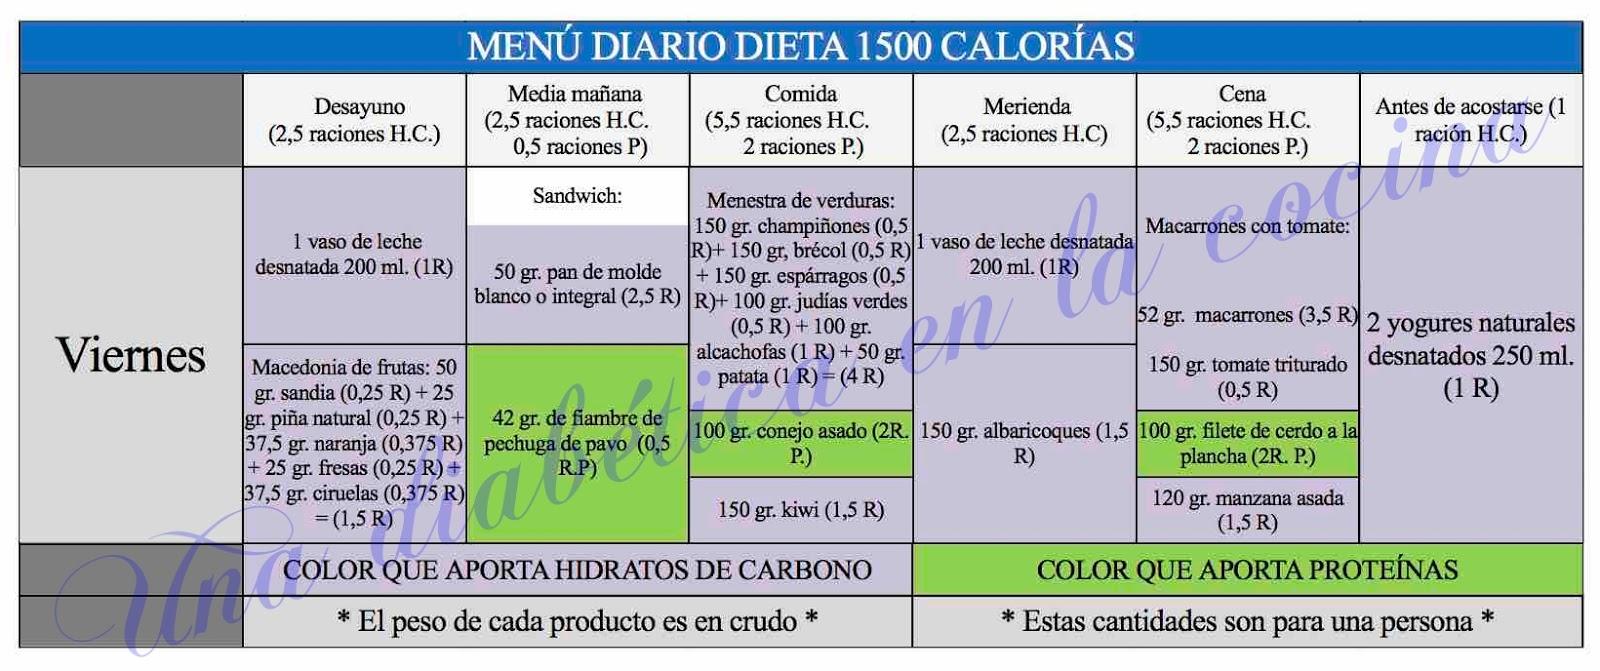 Dieta de kcal diarias - menú semanal completo - DIETA 1500